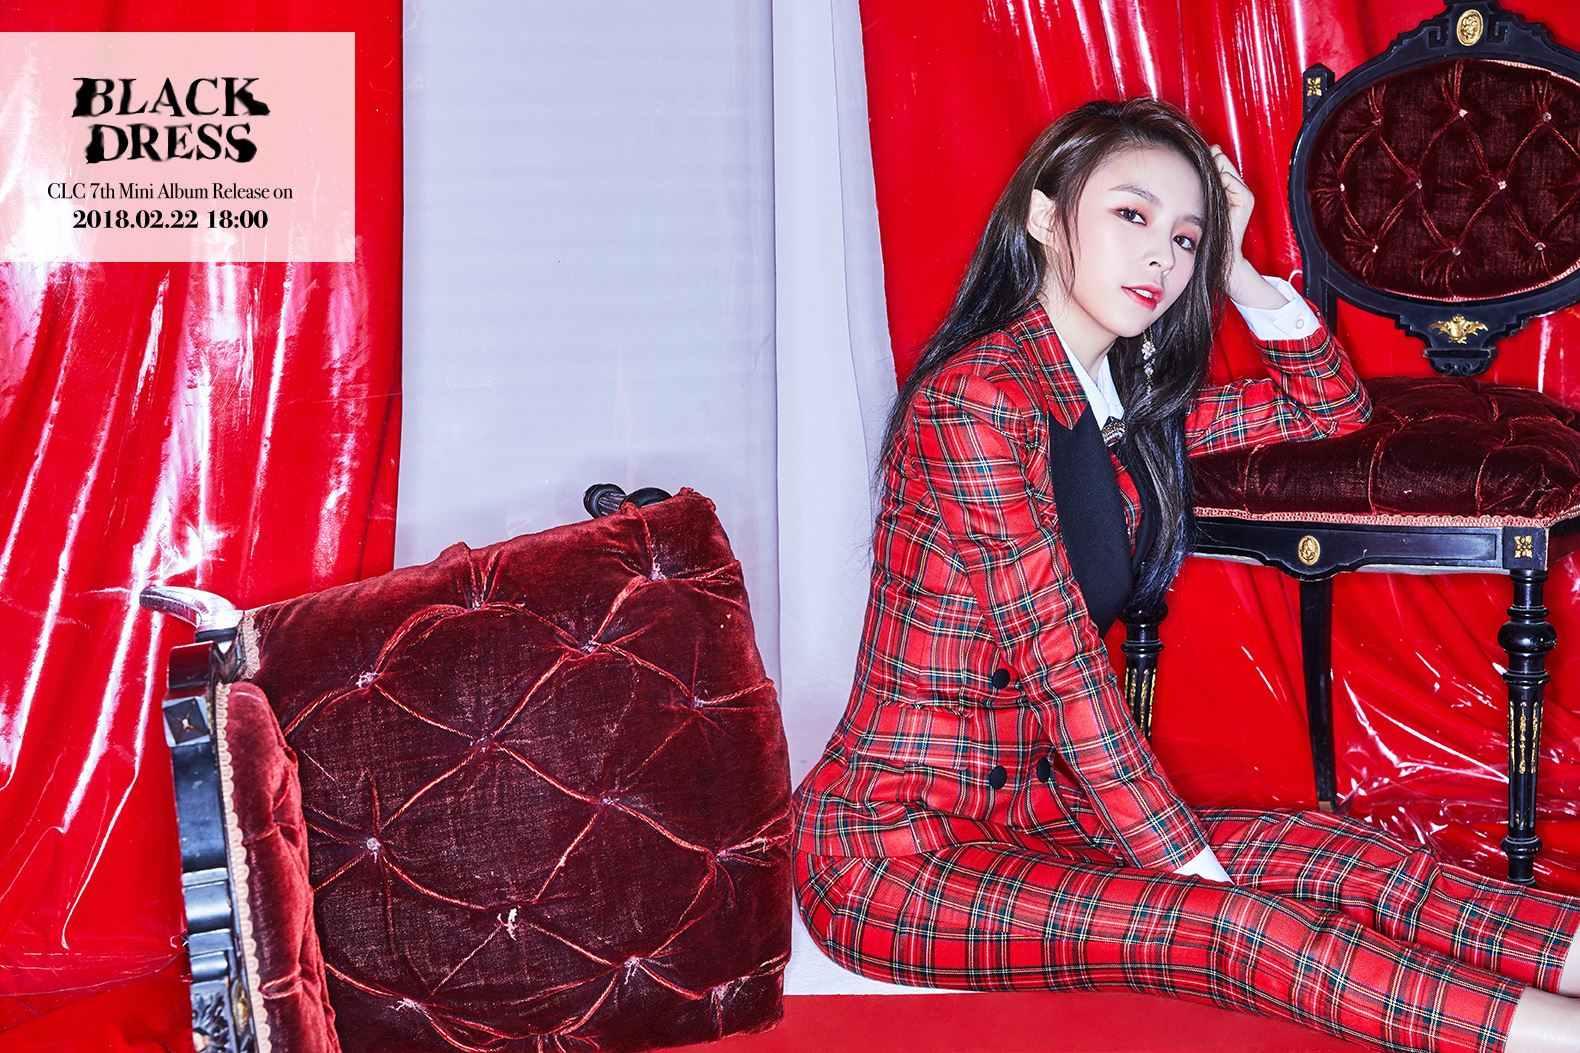 雖然不屬於韓國三大社之一,但CUBE娛樂也不落人後的找尋除了韓國人之外的成員,除了CLC有香港、泰國的成員之外,PENTAGON也各有一名中國及日本成員,今年才剛推出的新人女團(G)I-DLE也各有一位泰國、中國跟台灣成員,CUBE娛樂出道的非韓國籍成員也很多呢!